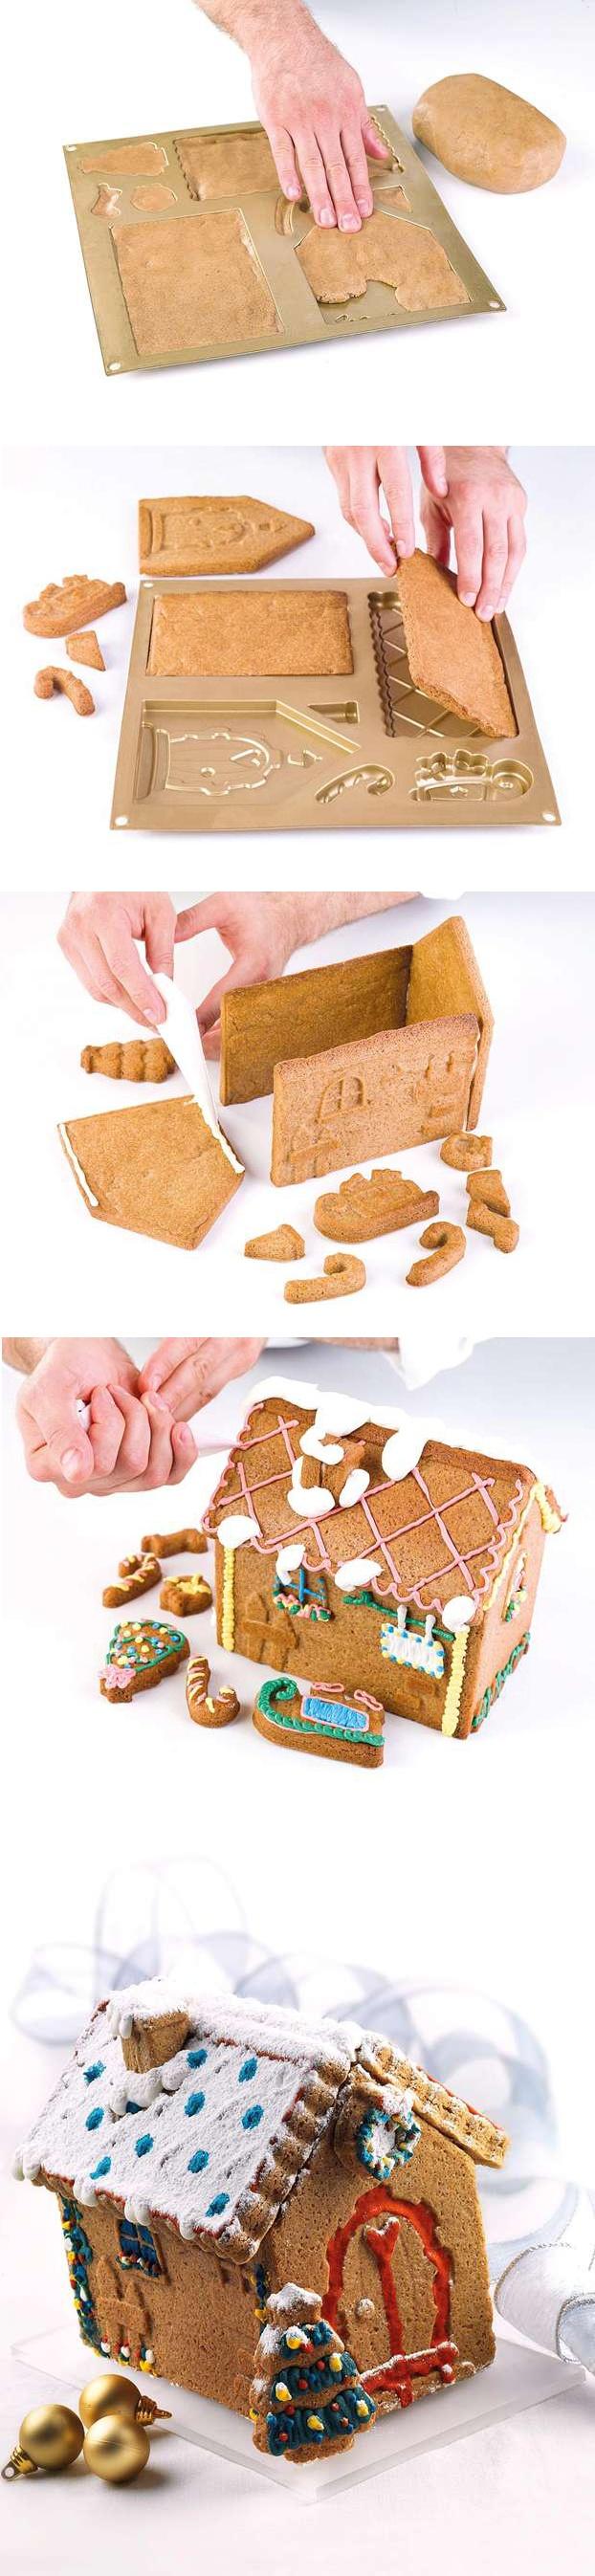 Casa Pan di zenzero: Luca Montersino ci illustra la preparazione di una casetta di pan di zenzero!! http://www.alice.tv/ricette-natale/casetta-pan-zenzero-montersino